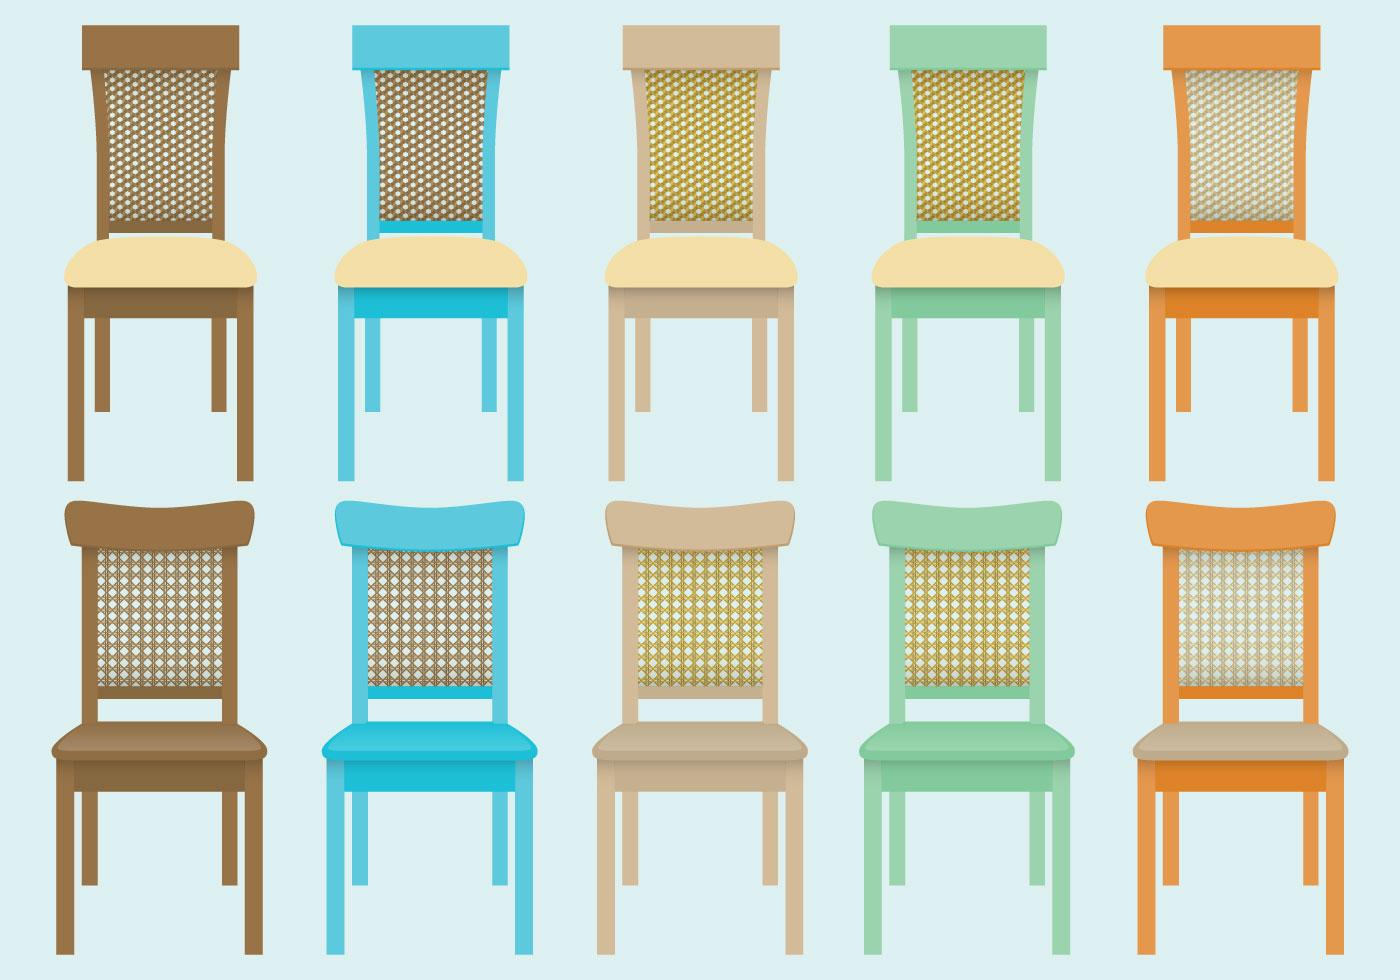 Wicker Chair Vectors Download Free Vector Art Stock